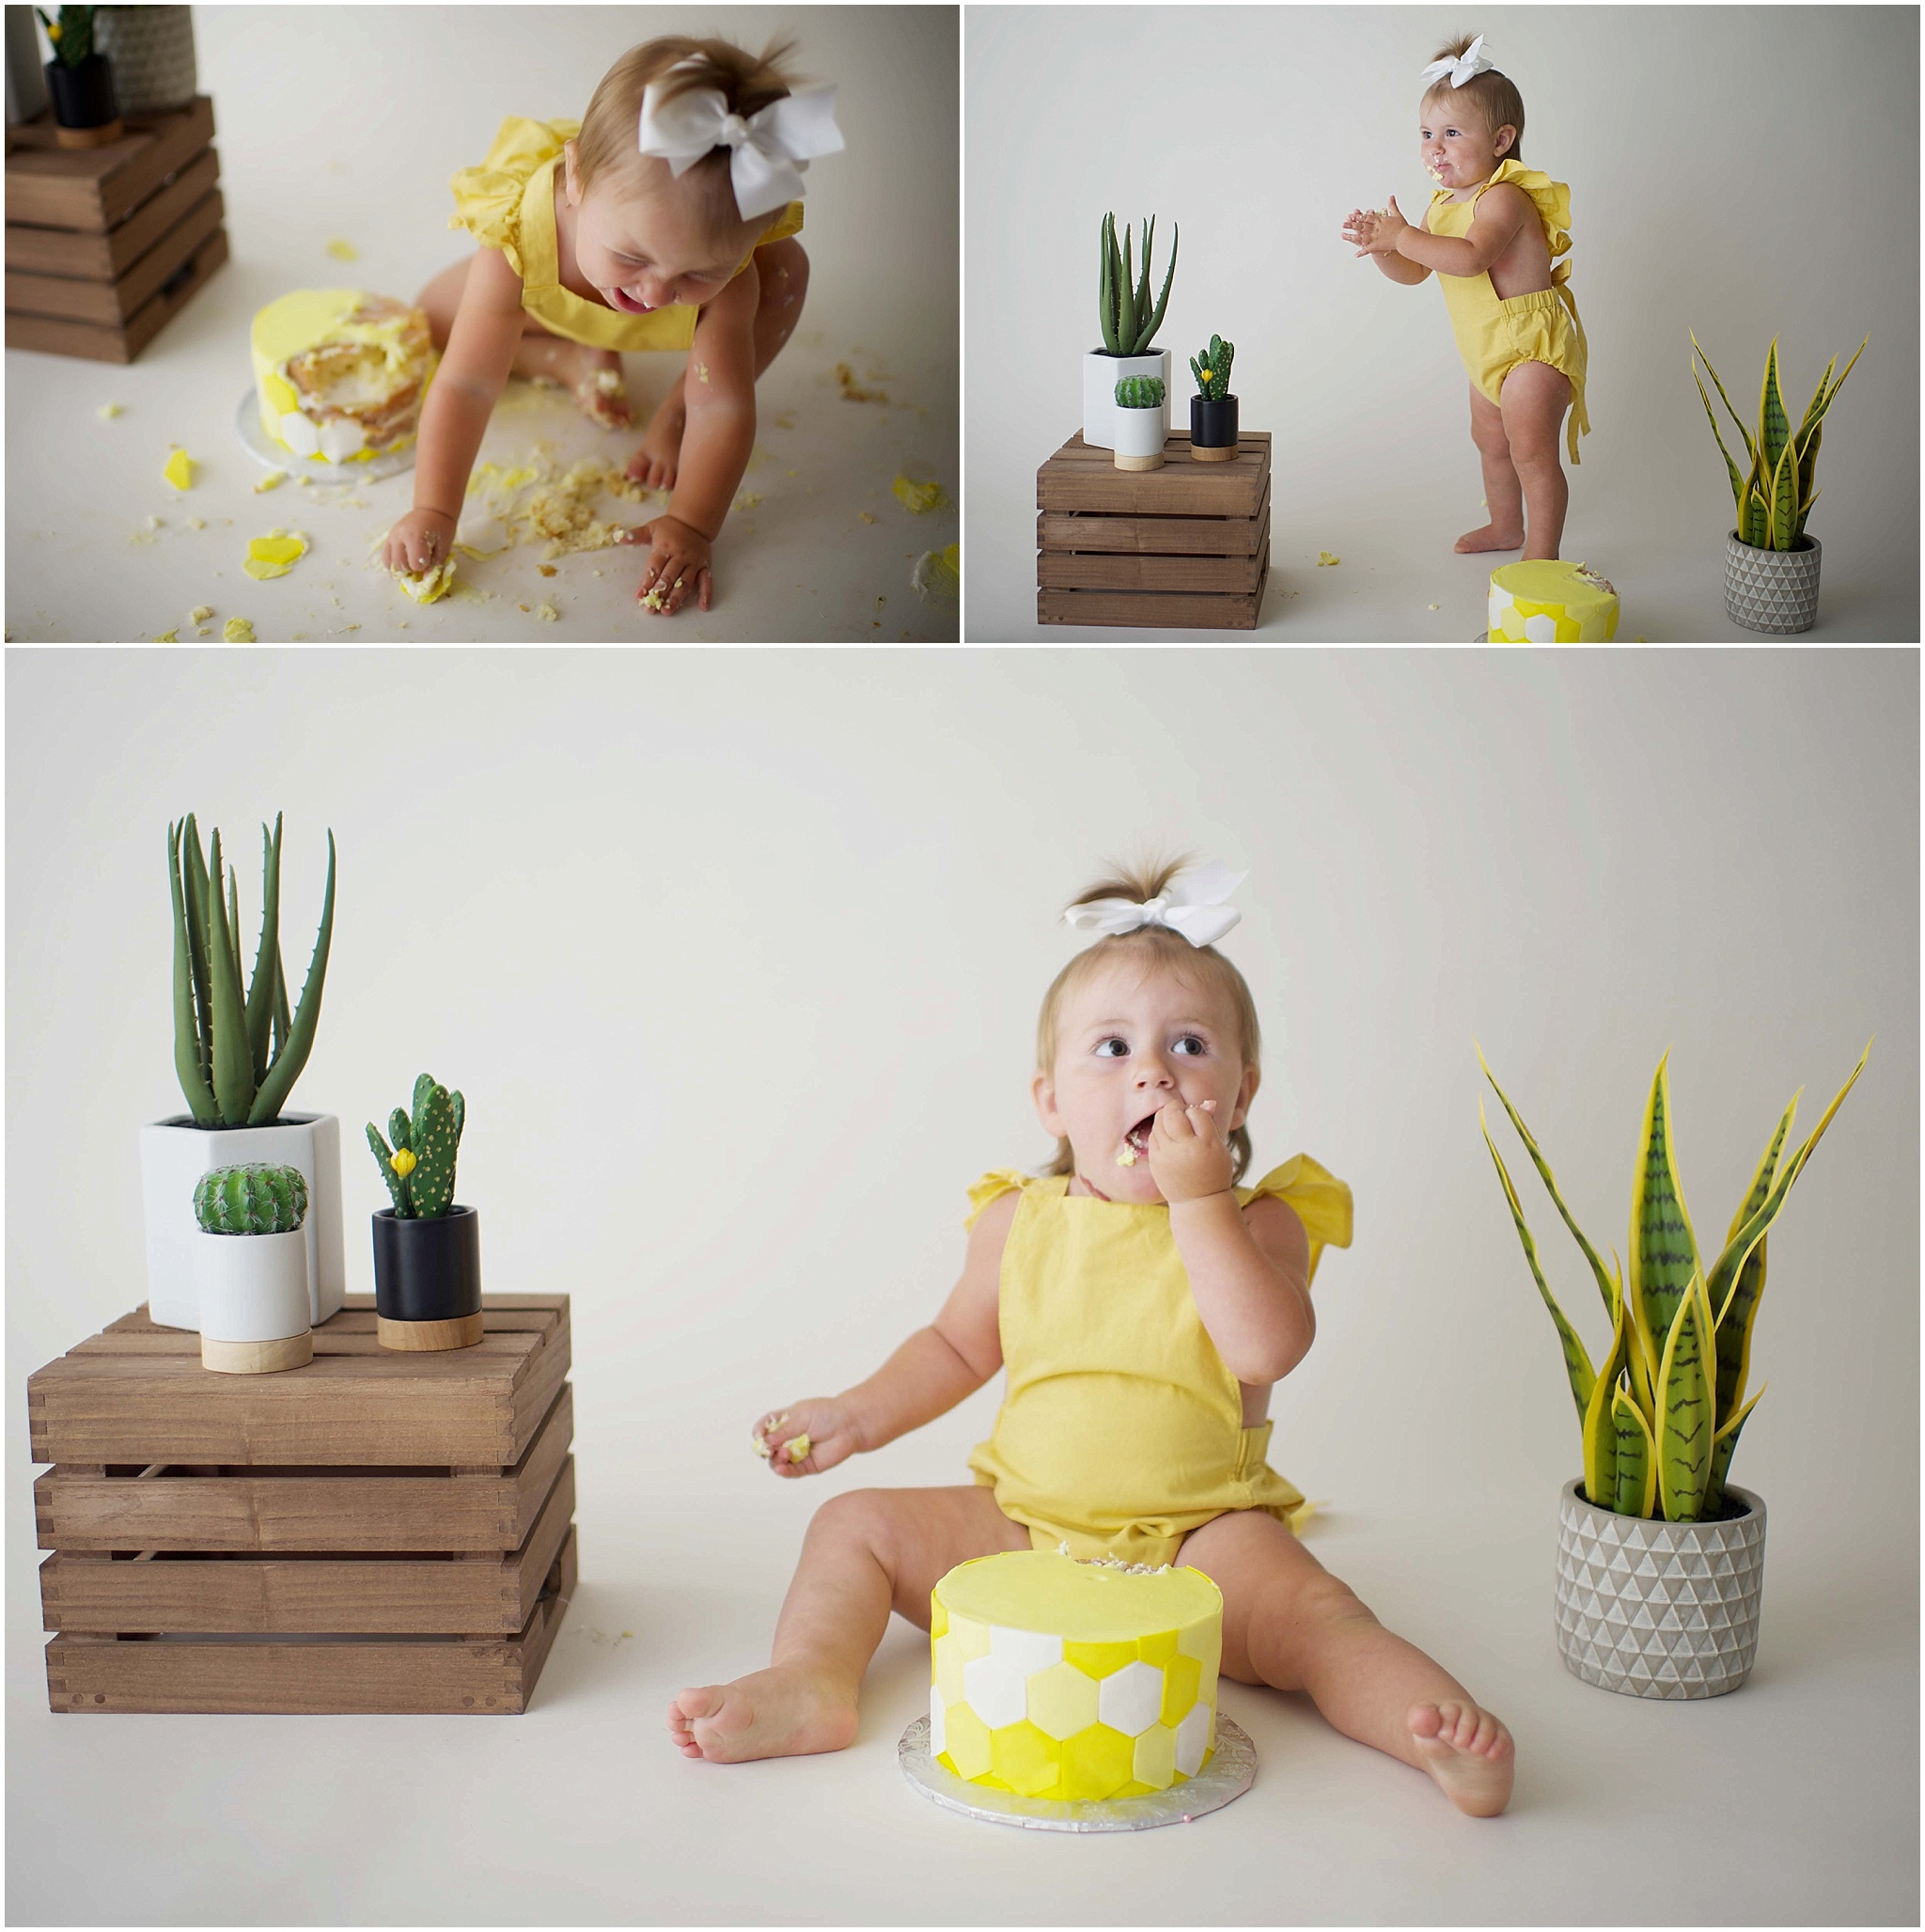 www.alielizabethphotography.com